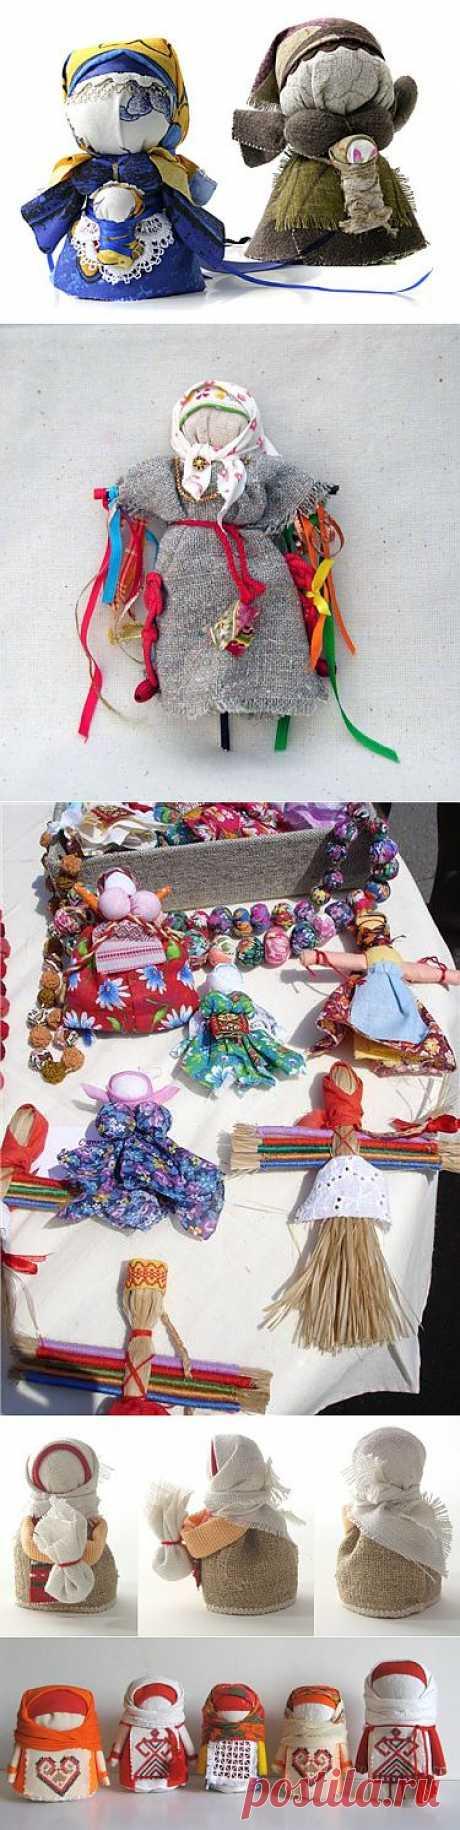 Куклы-обереги / Разнообразные игрушки ручной работы / PassionForum - мастер-классы по рукоделию